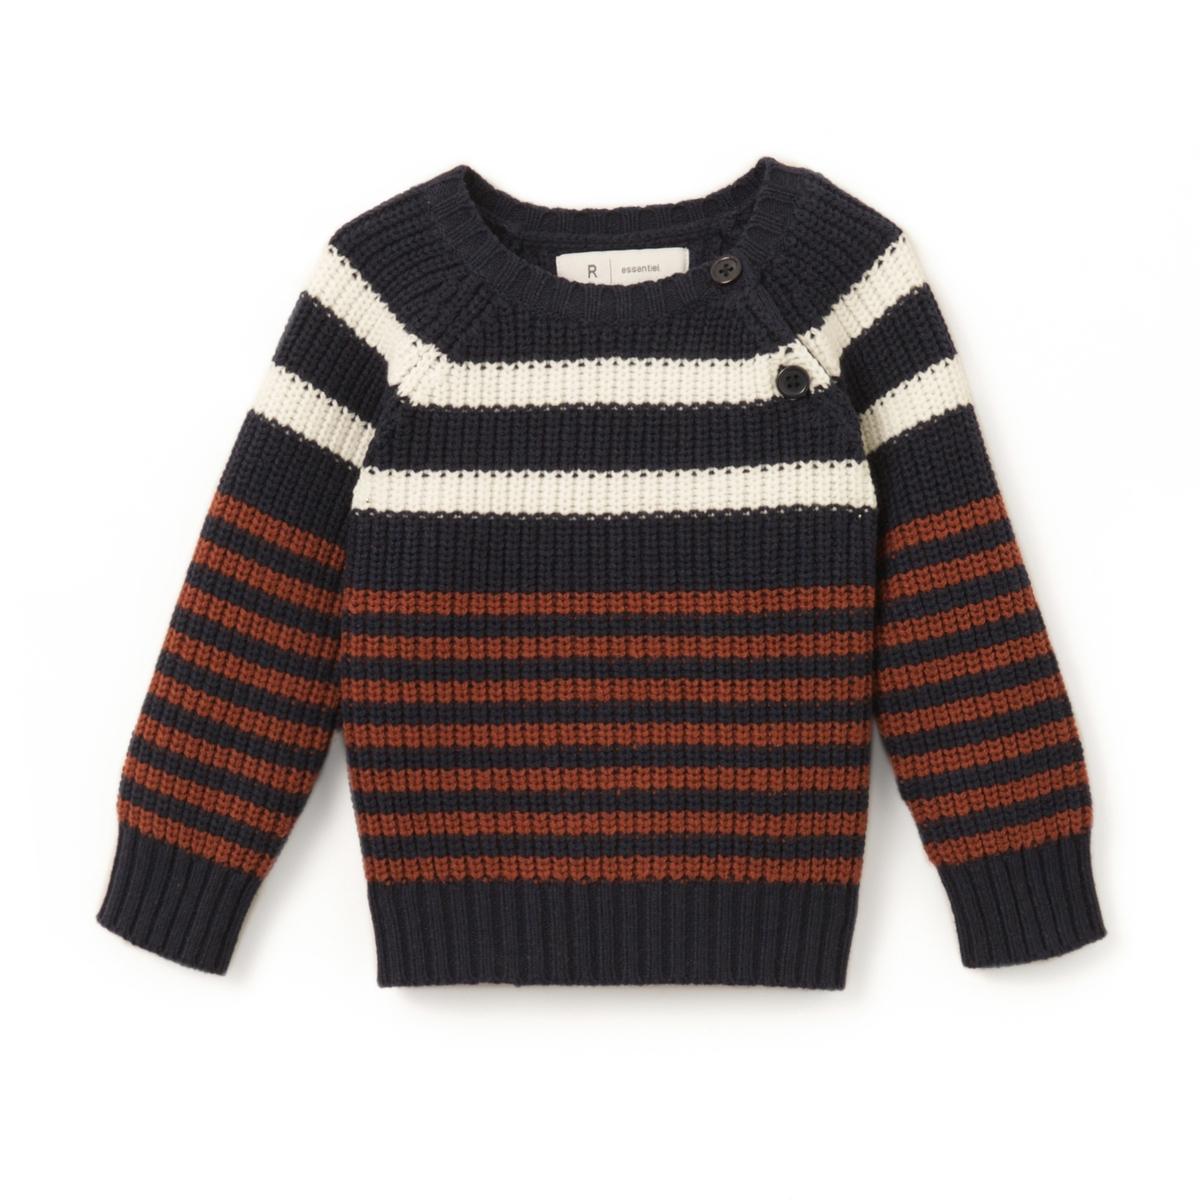 Пуловер с круглым вырезом из тонкого трикотажа Oeko Tex